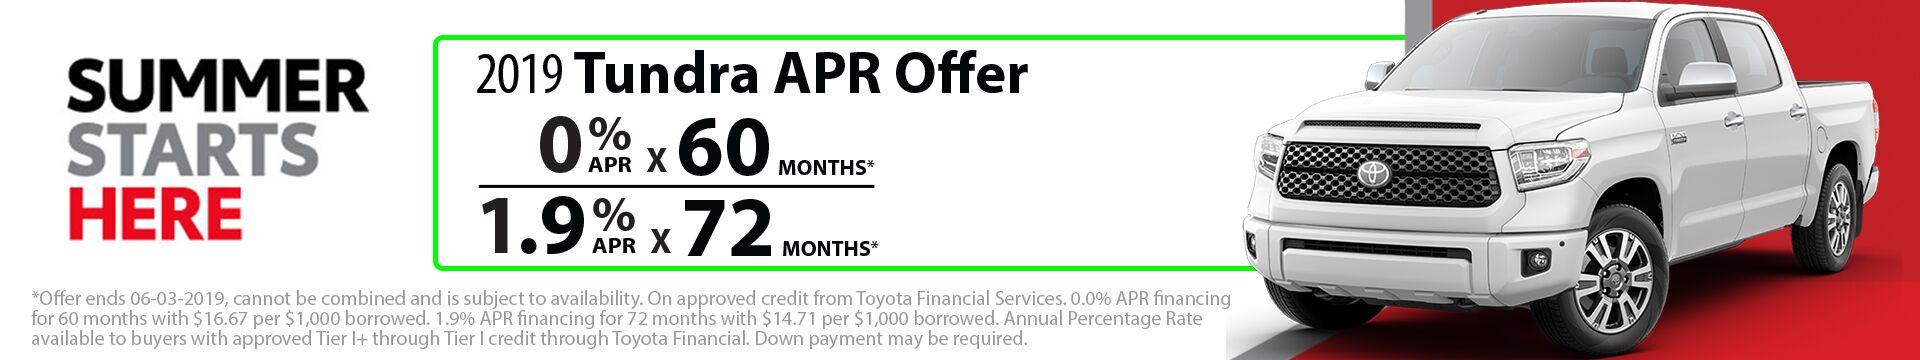 2019 Tundra APR Offer